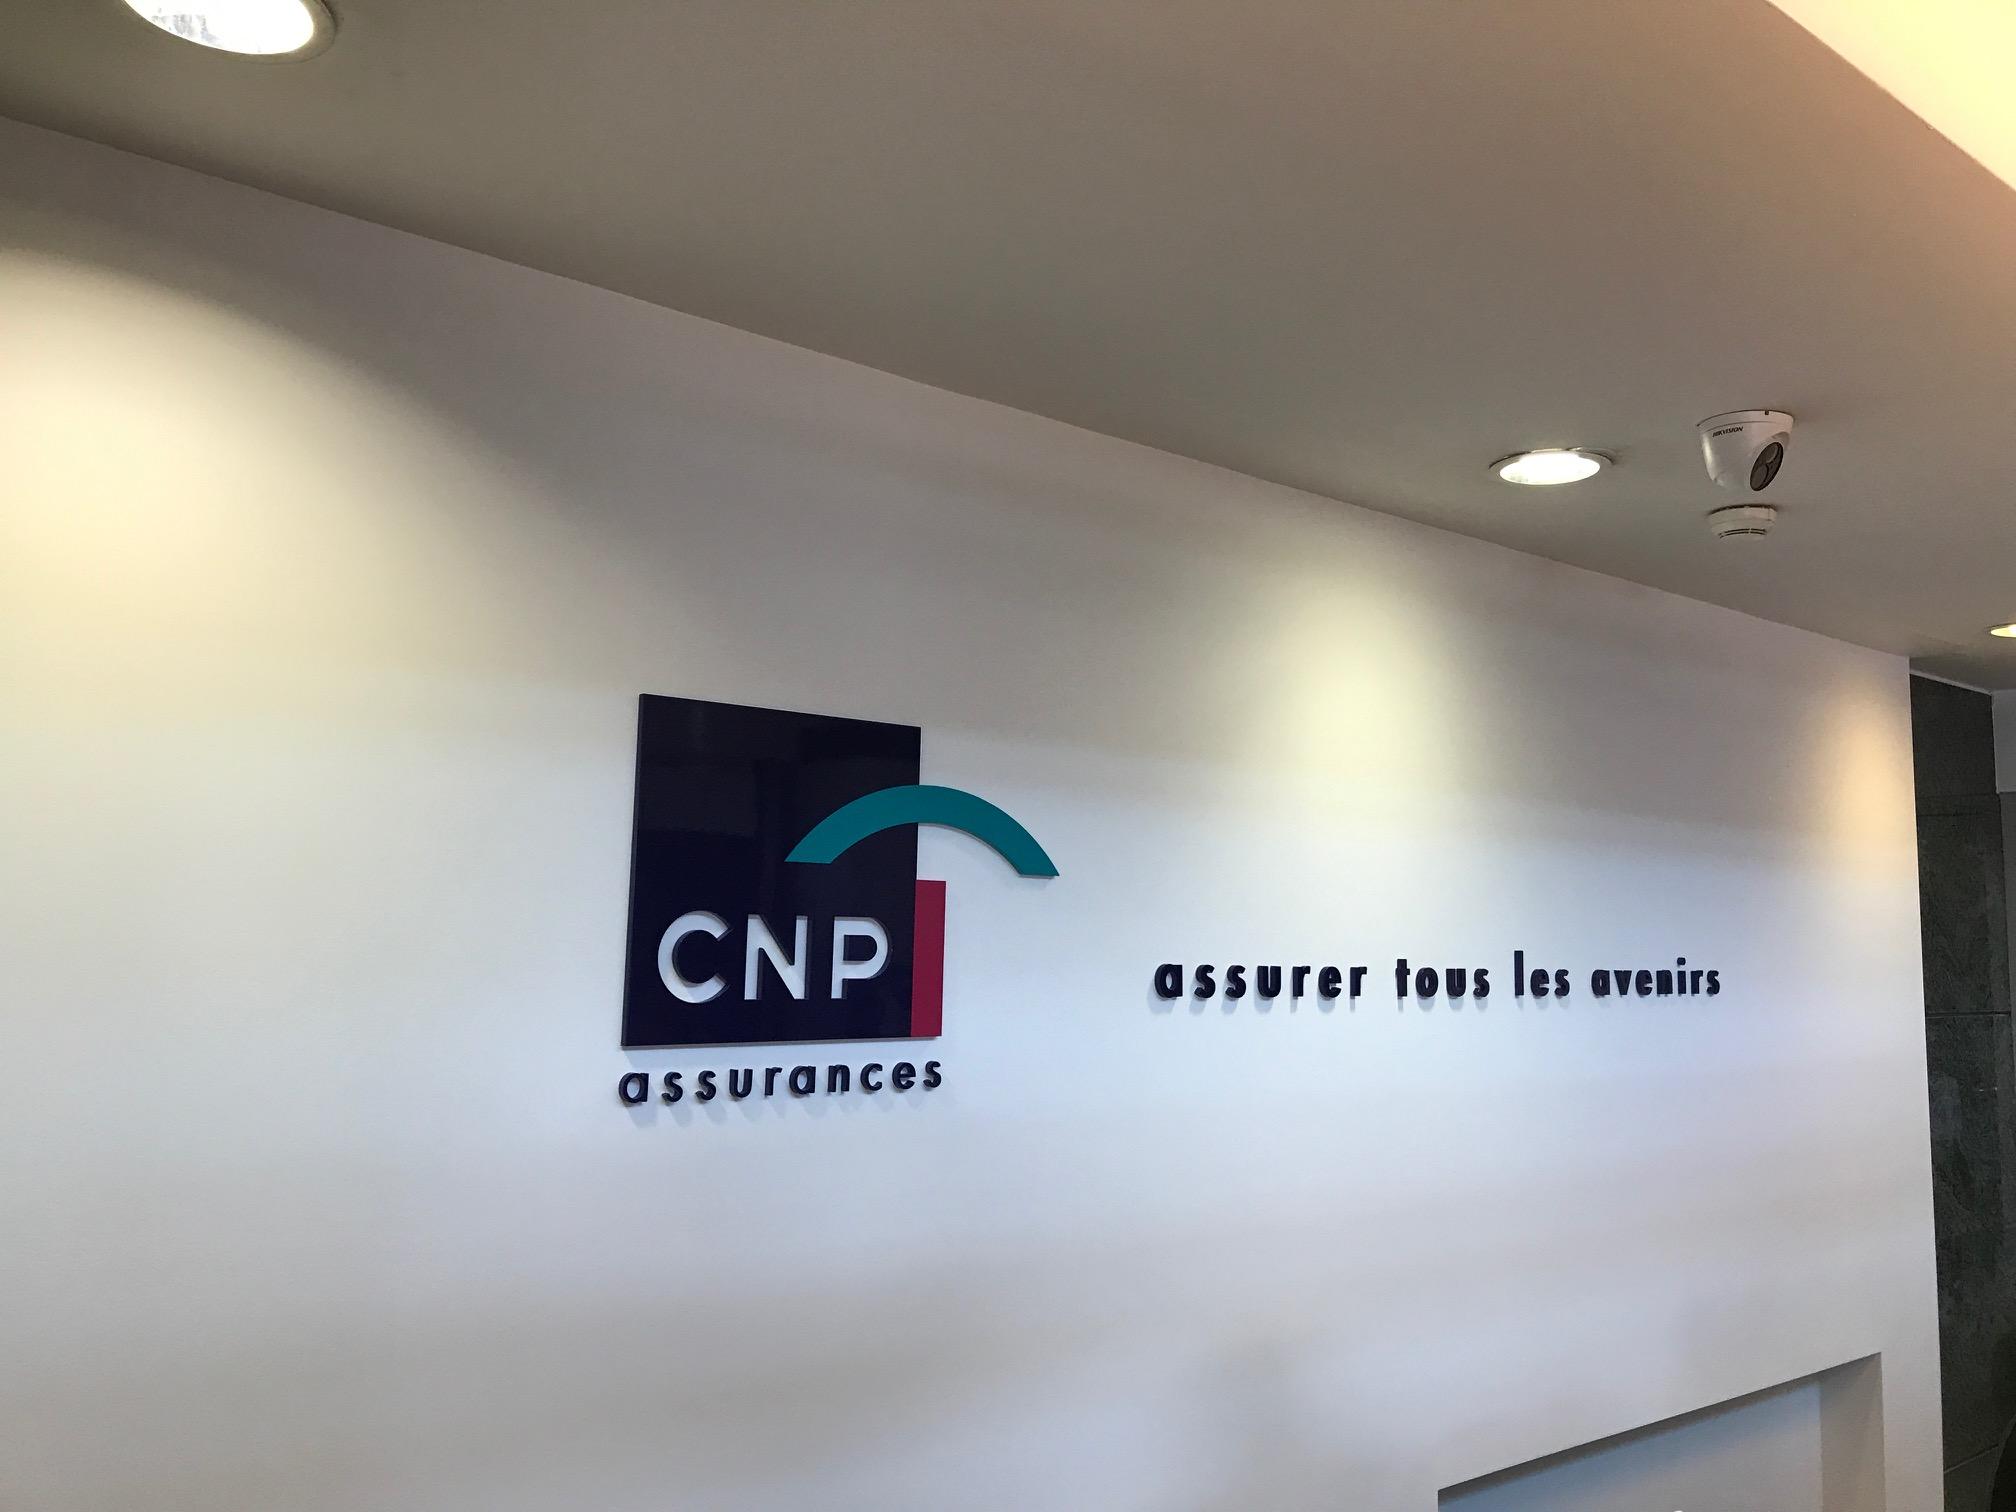 Signalétique Siège CNP Assurance